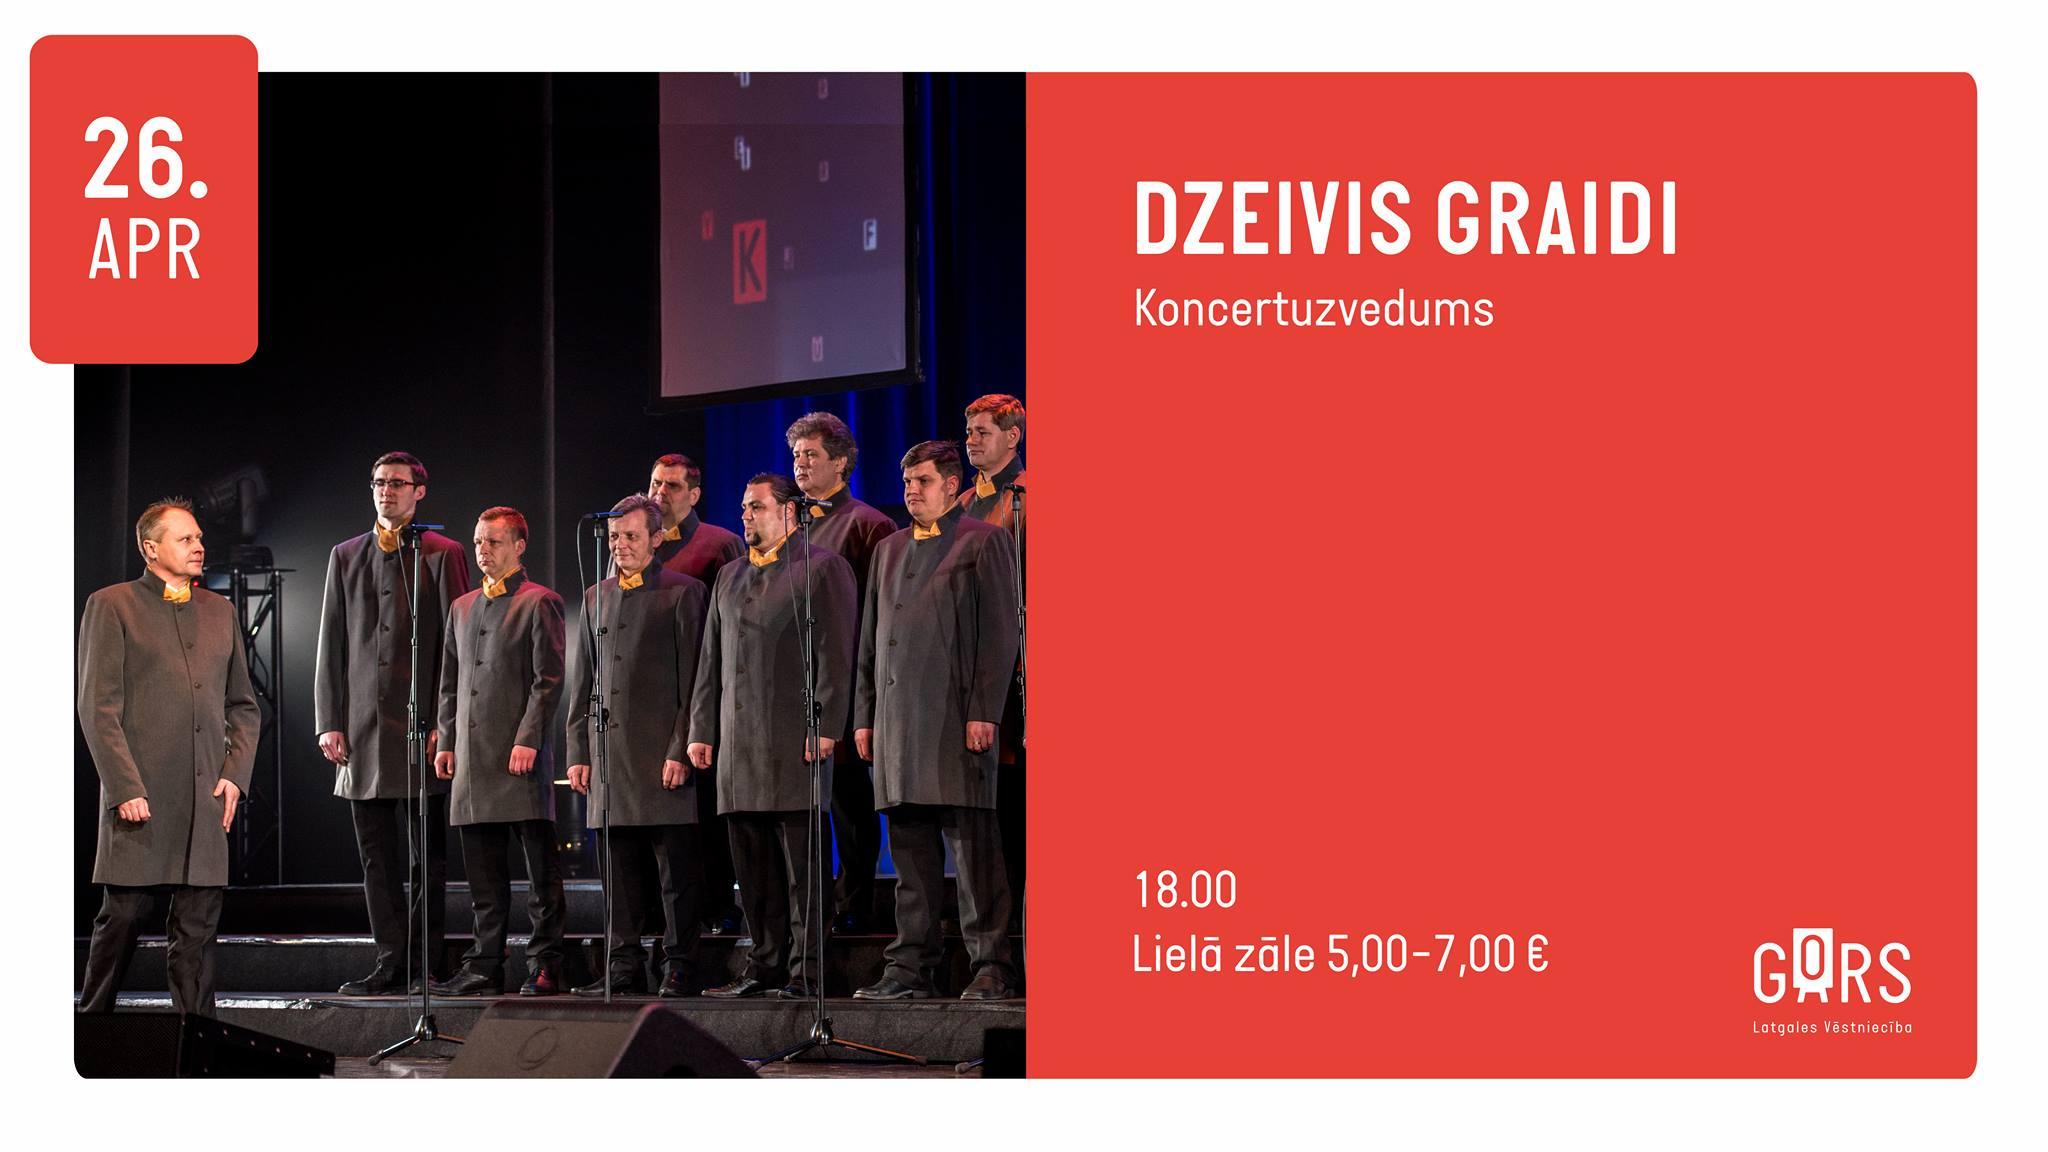 """Koncertuzvadums """"Dzeivis graidi"""" @ Latgolys viestnīceiba GORS"""